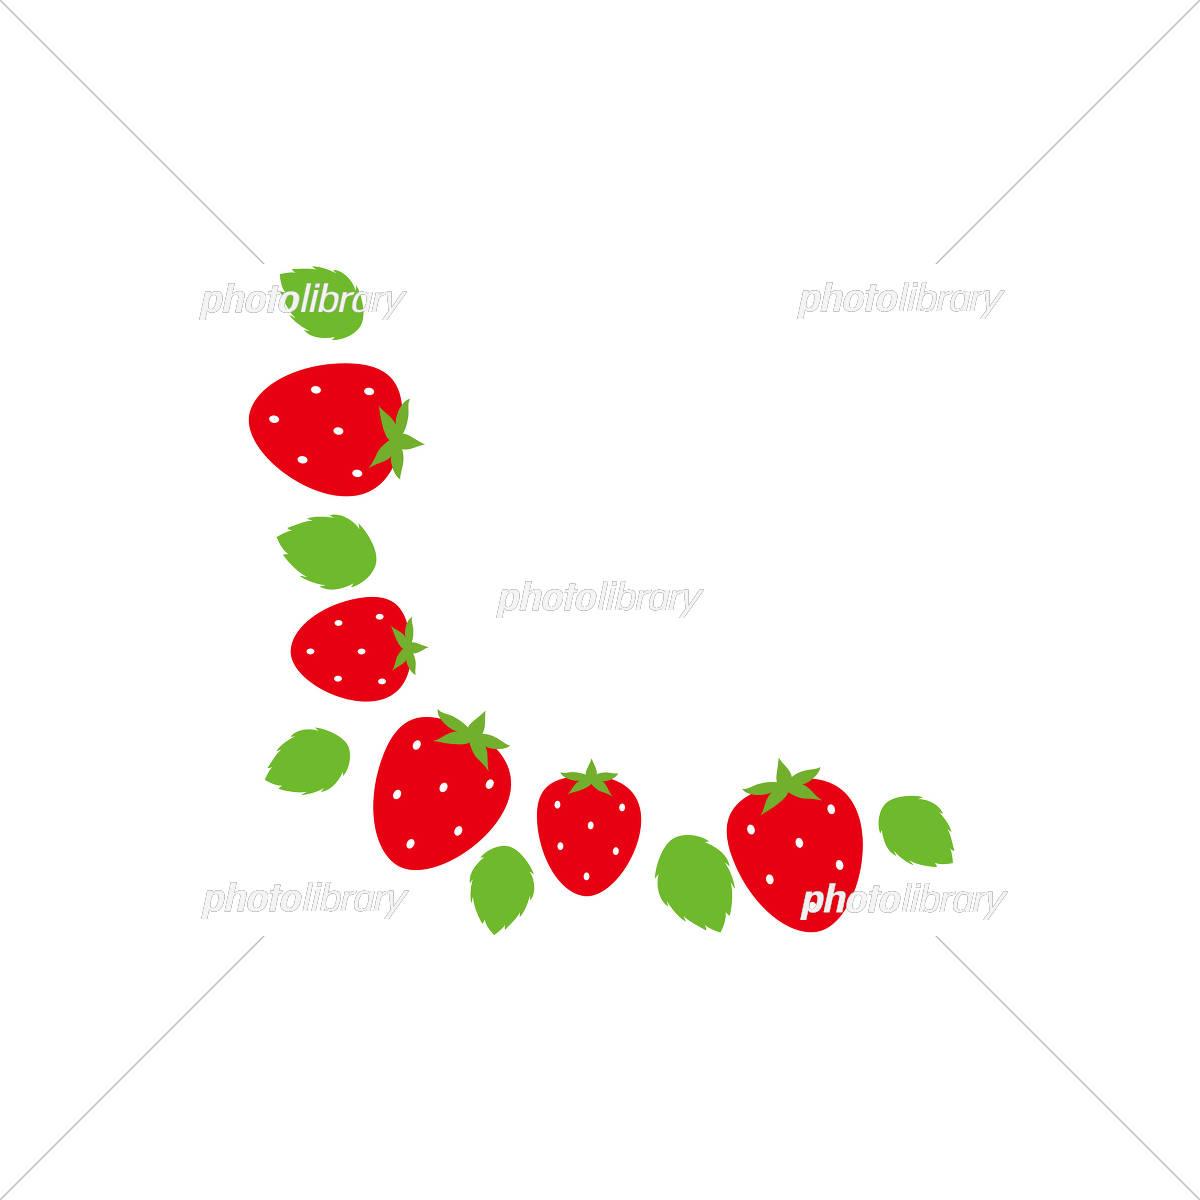 苺 フレーム かわいい イチゴ イラスト素材 フォトライブラリー Photolibrary